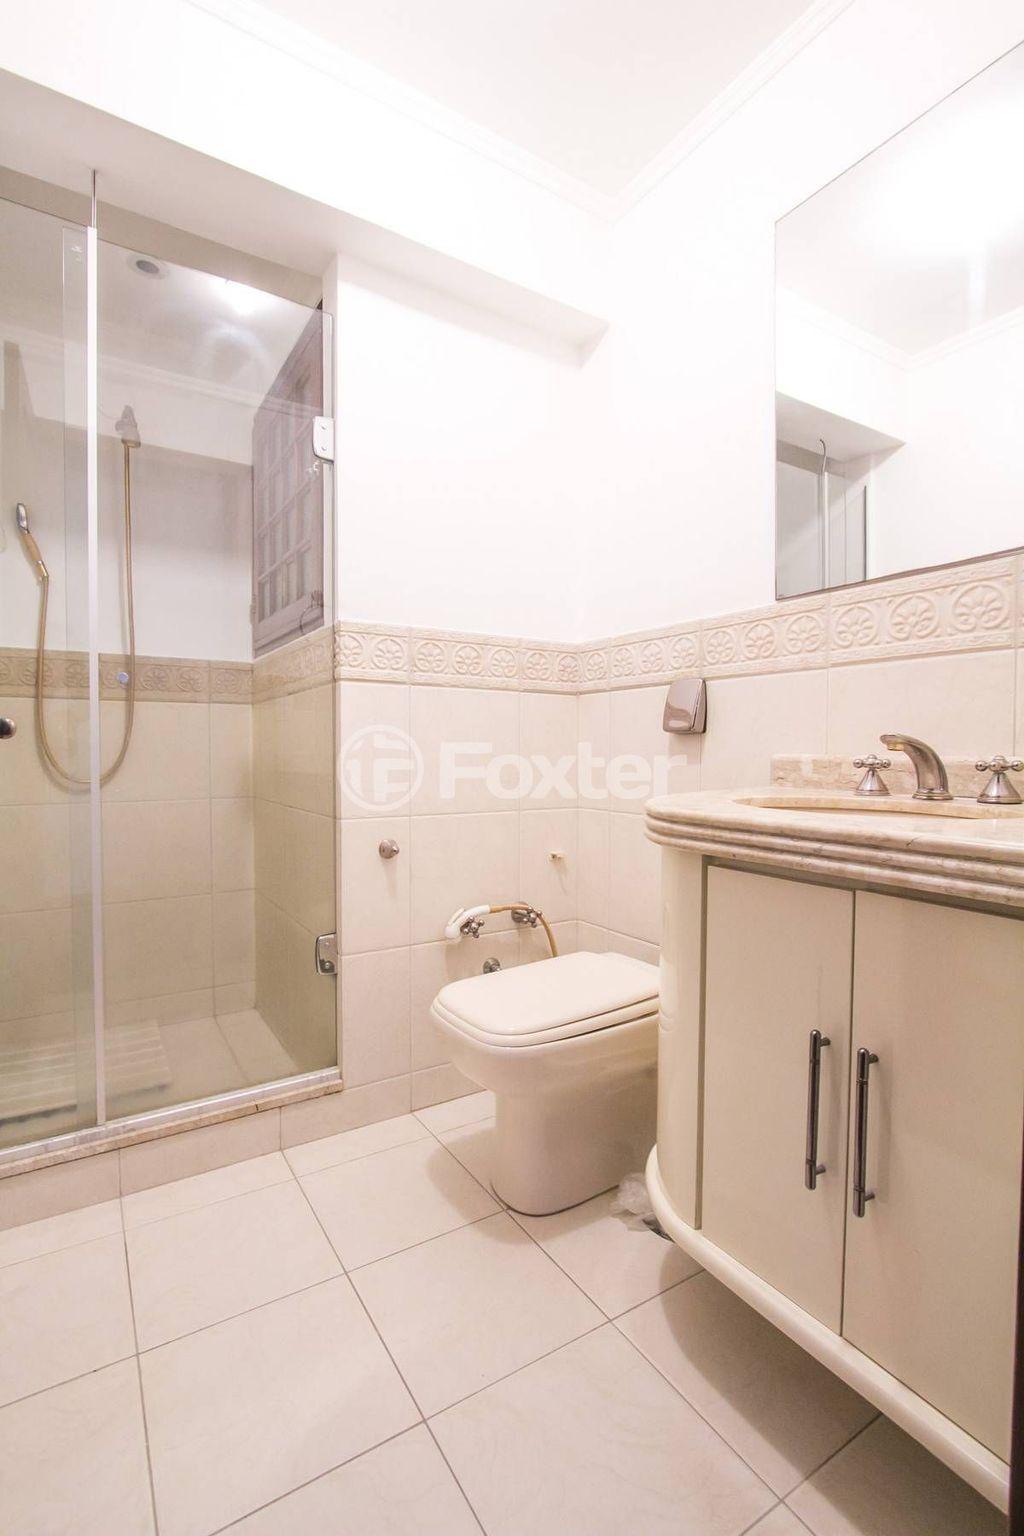 Foxter Imobiliária - Cobertura 5 Dorm (115529) - Foto 22